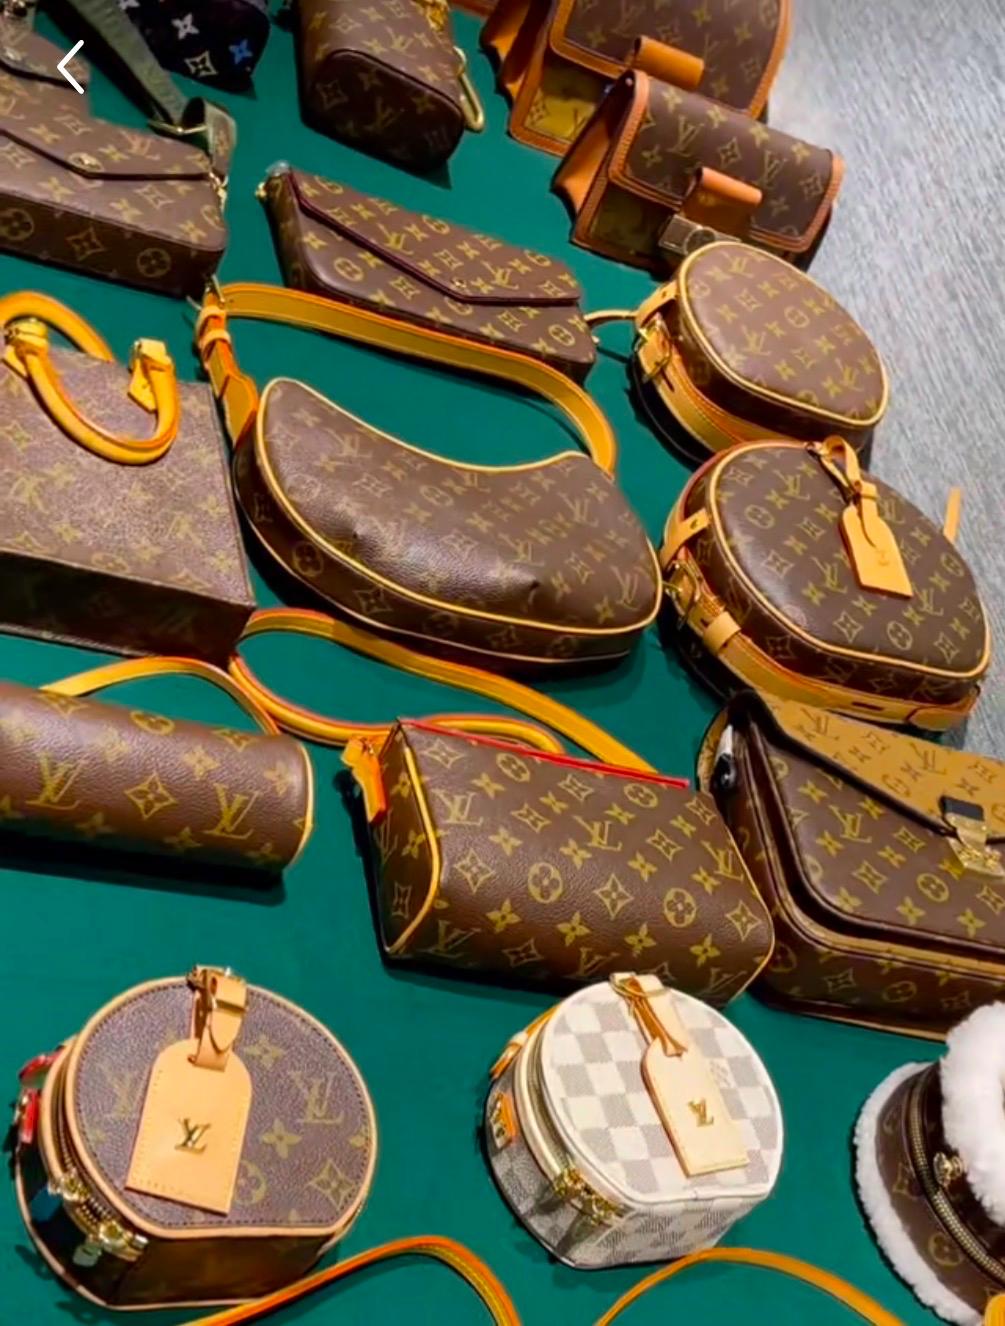 奢侈品拆包重生,你会买吗?